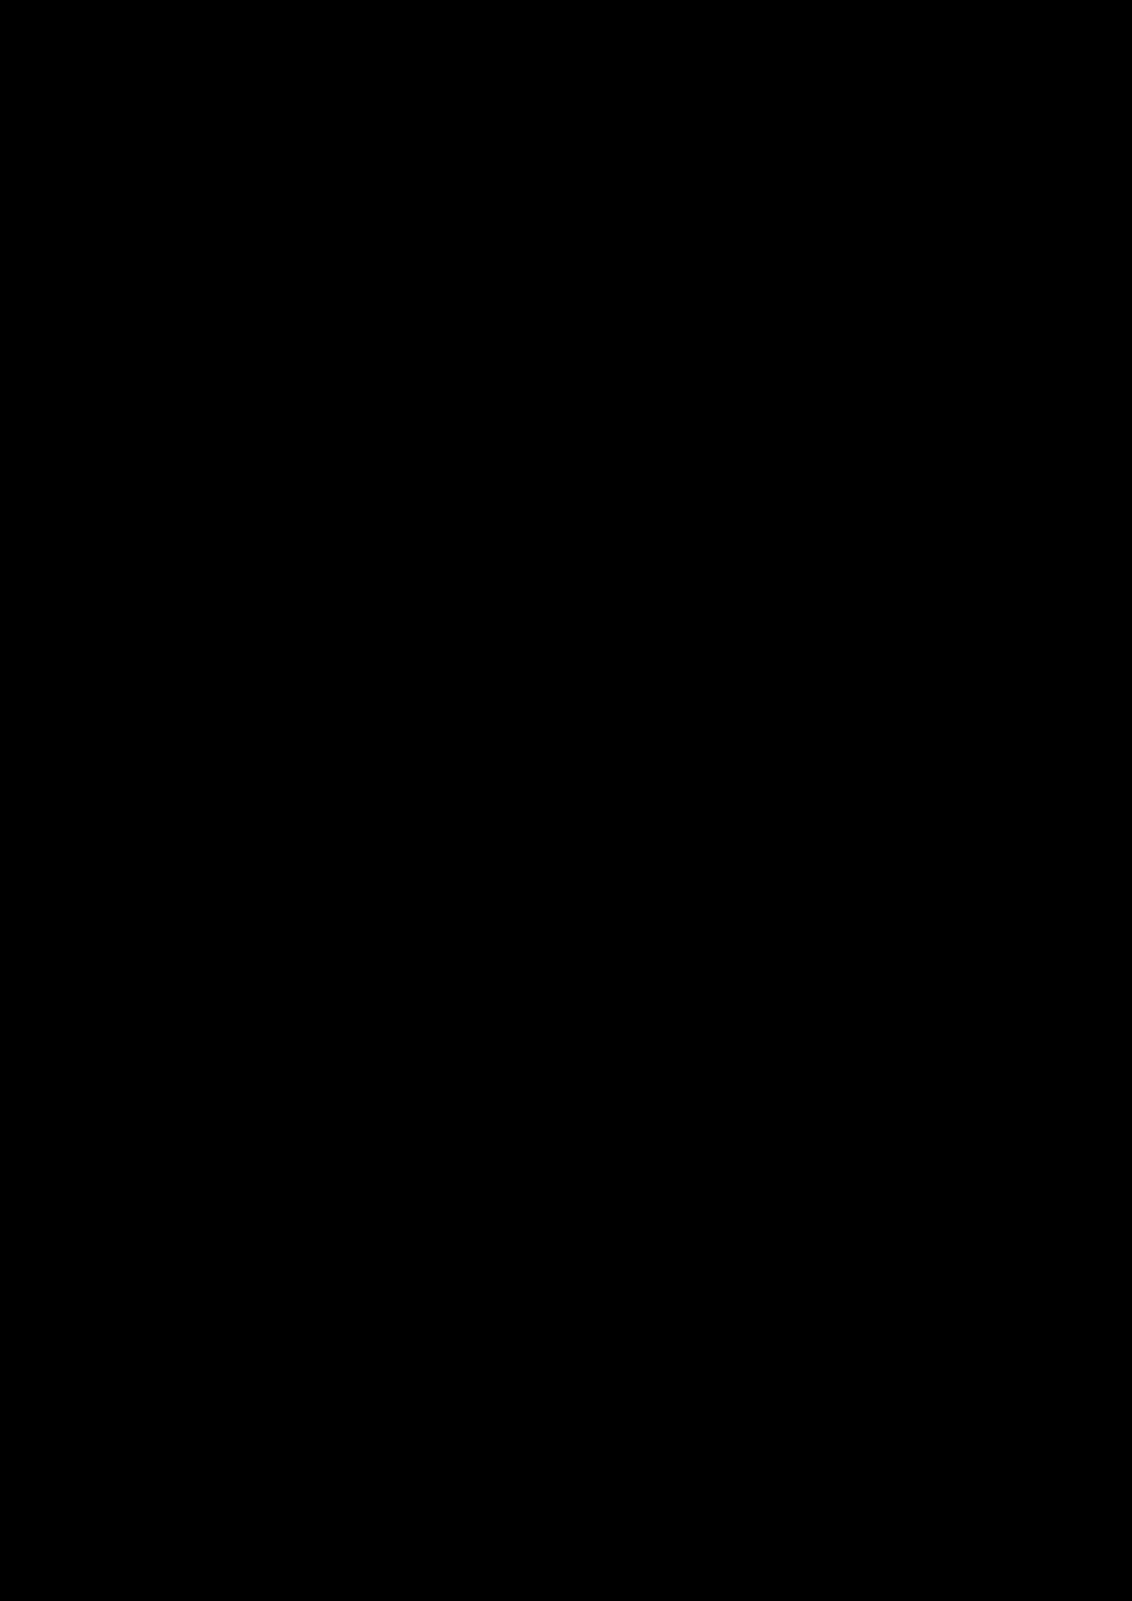 Zagadka volshebnoy stranyi slide, Image 154